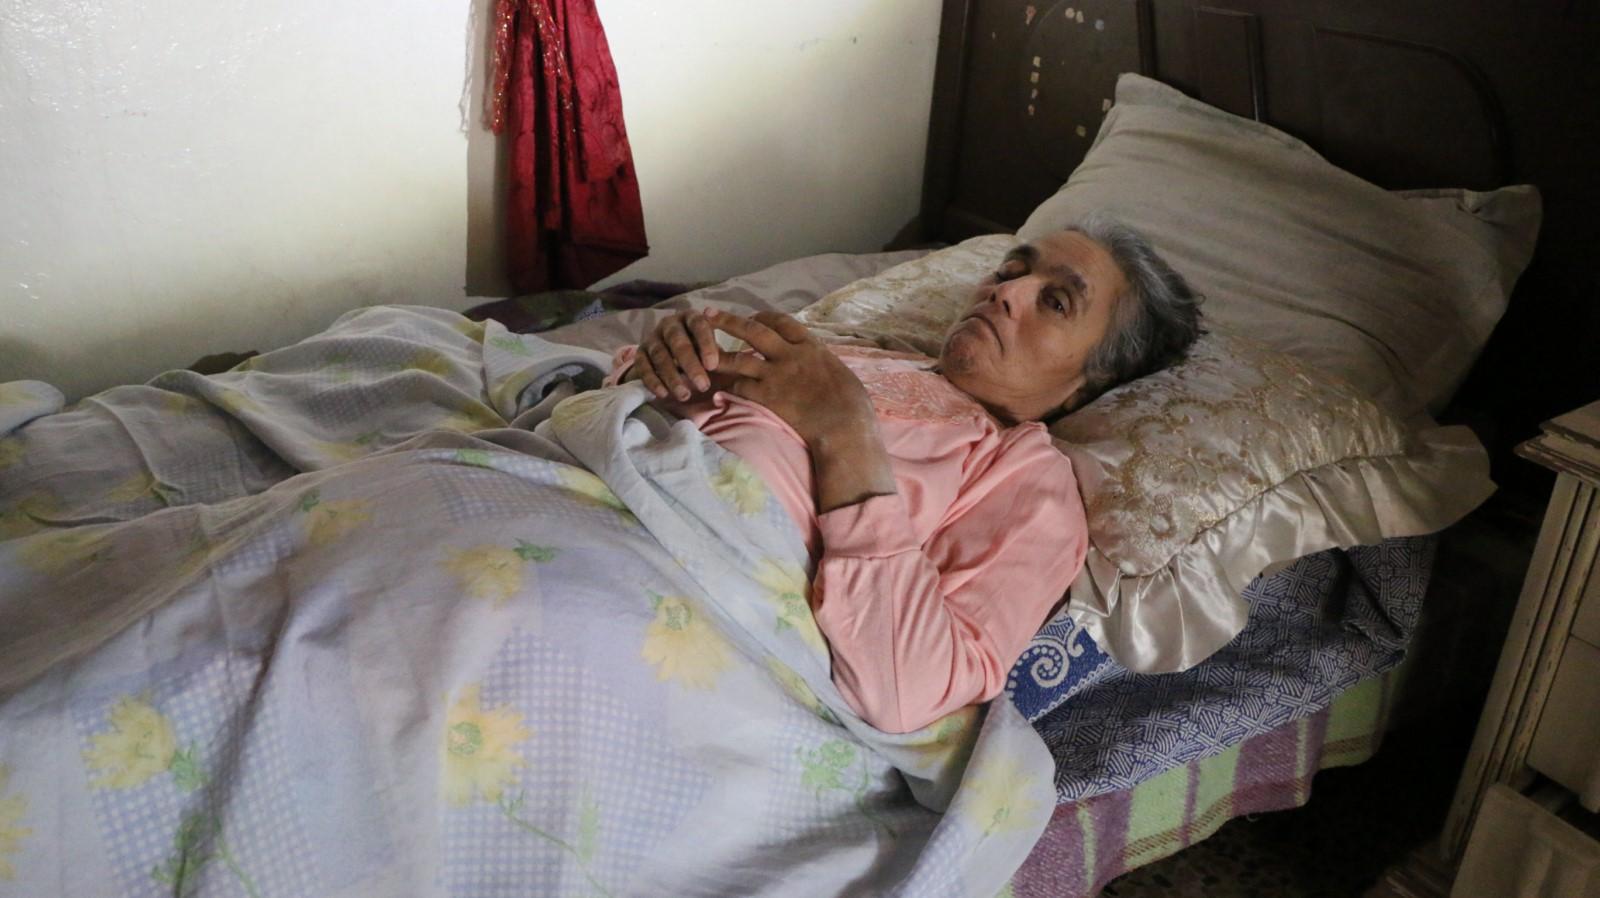 İşgalin çocuklarından kopardığı bir kadın: Cennat anne